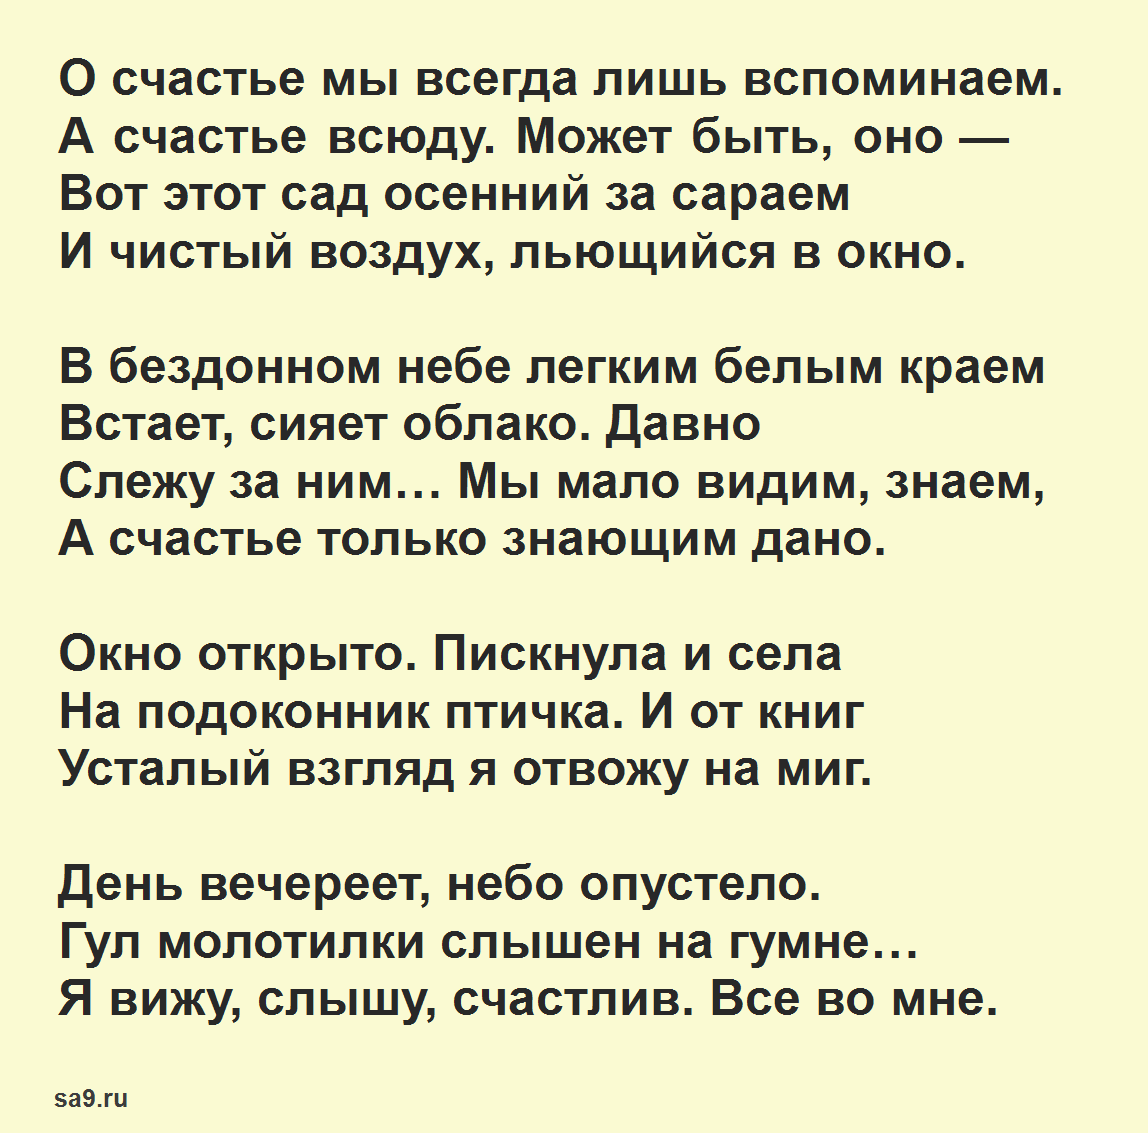 Читать стихи Бунина - Вечер, 12 строк